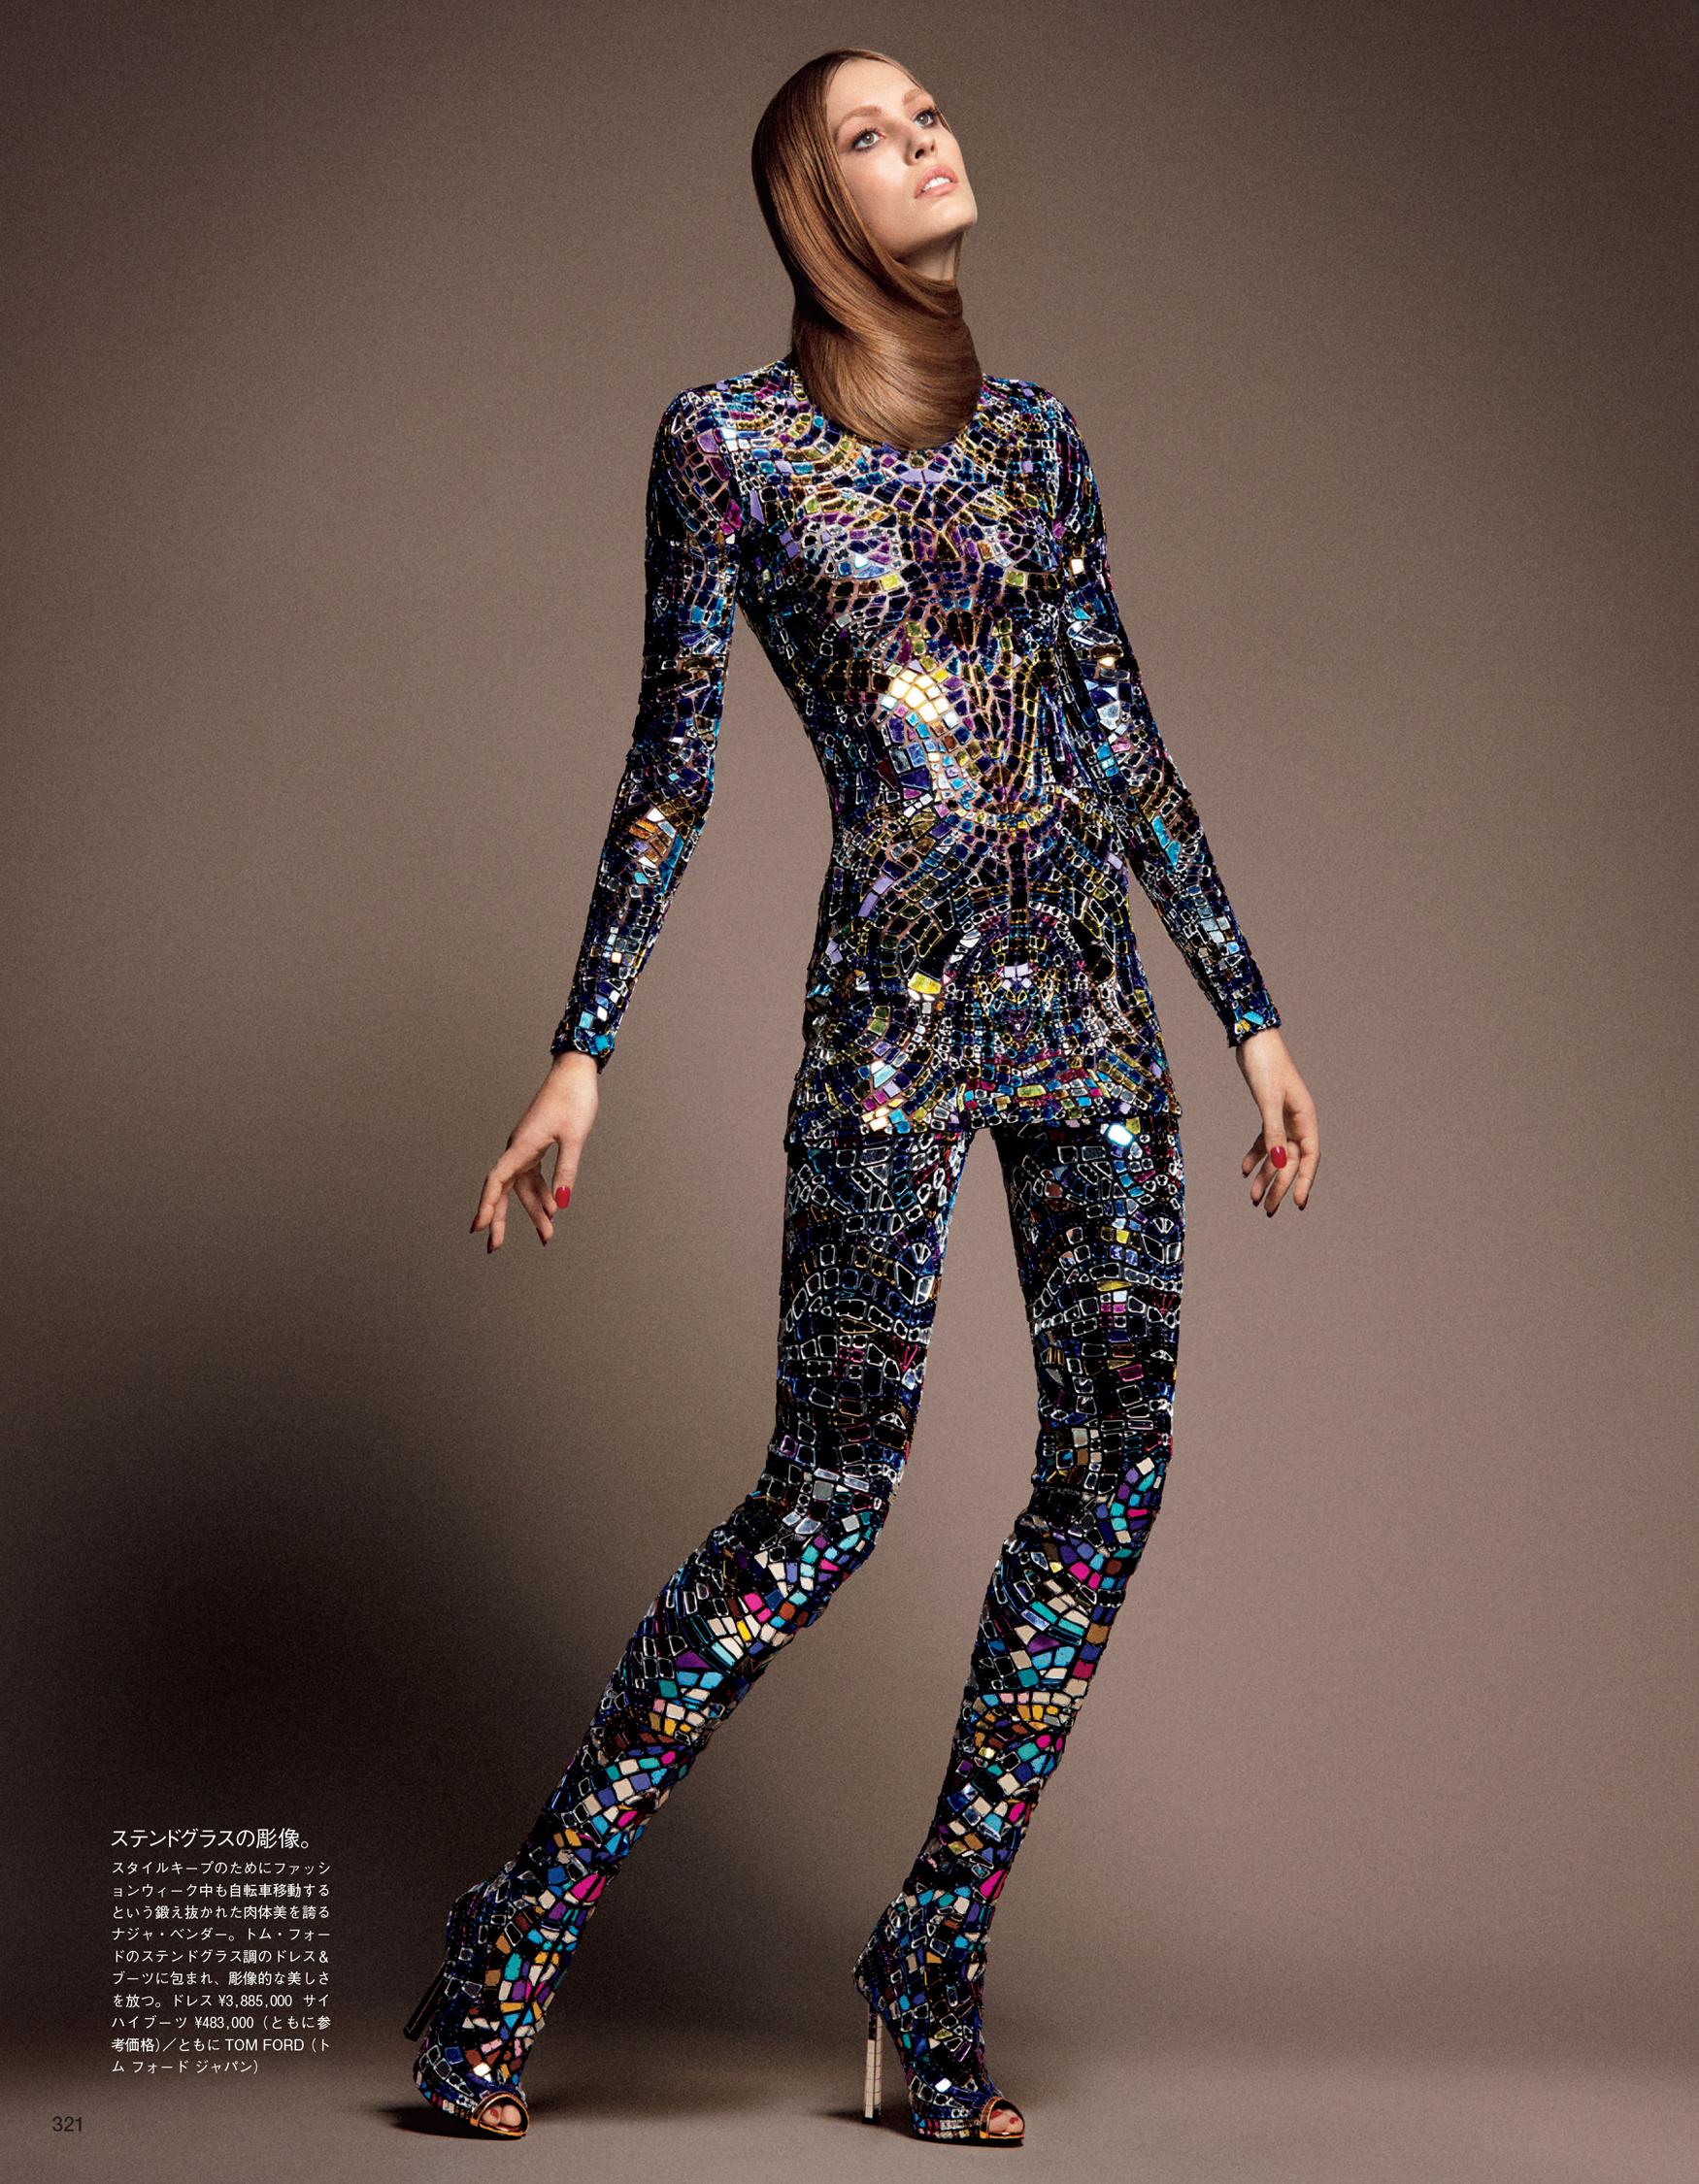 Giovanna-Battaglia-3-Style-Has-Many-Faces-Vogue-Japan-Daniele-Duella-Iango-Henzi.jpg